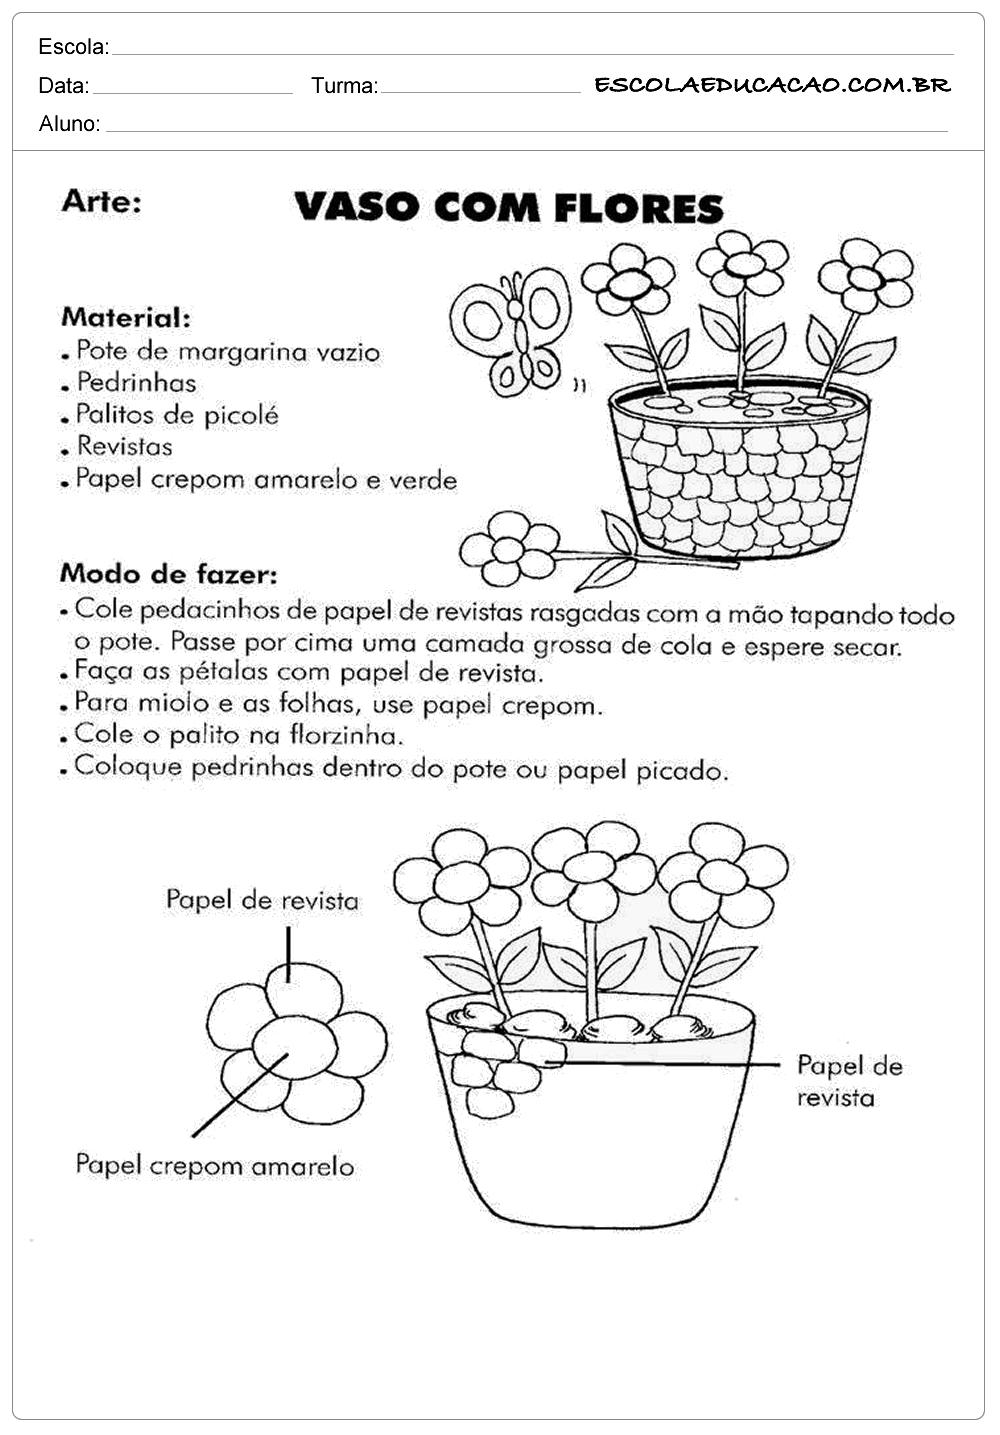 Well-known Atividades de Ensino Religioso Arte Vaso com Flores - Escola Educação UQ33